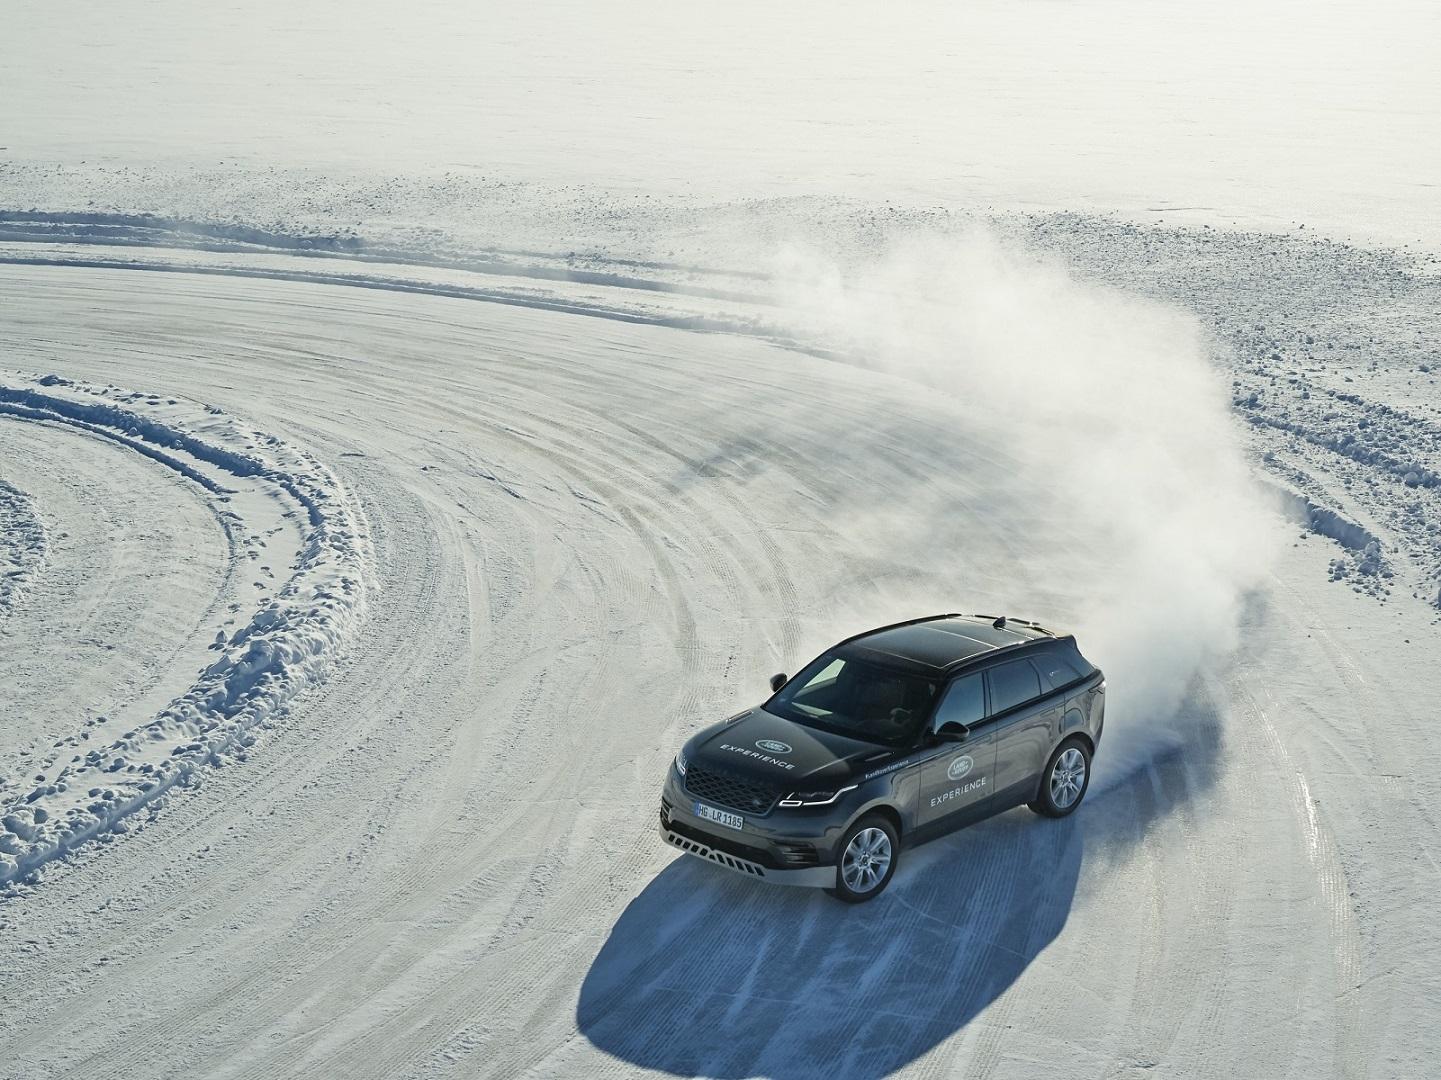 لاند روڤر القيادة على الجليد